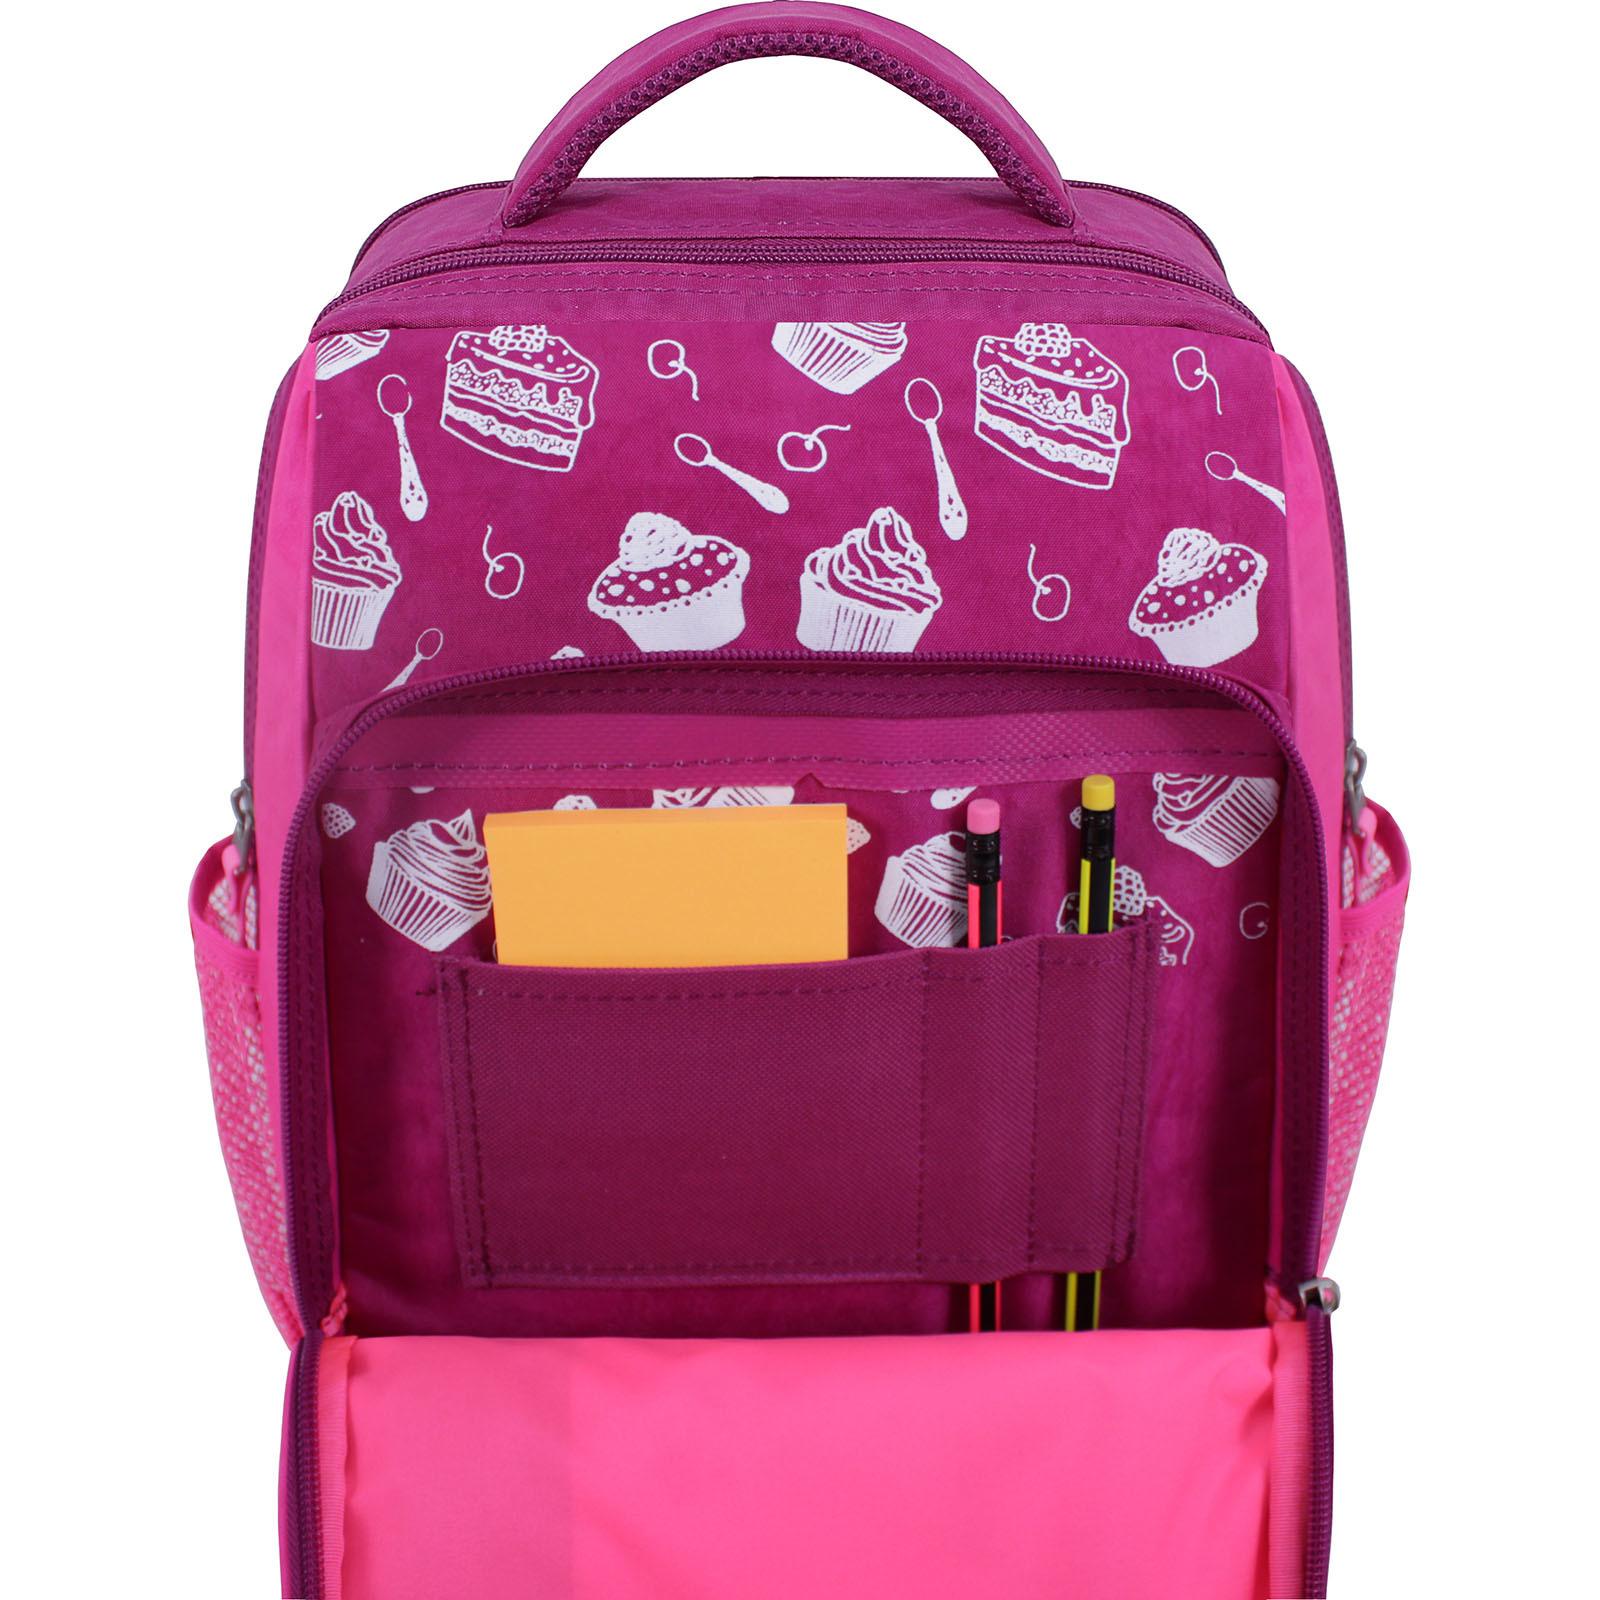 Рюкзак школьный Bagland Школьник 8 л. 143 малина 593 (00112702) фото 4